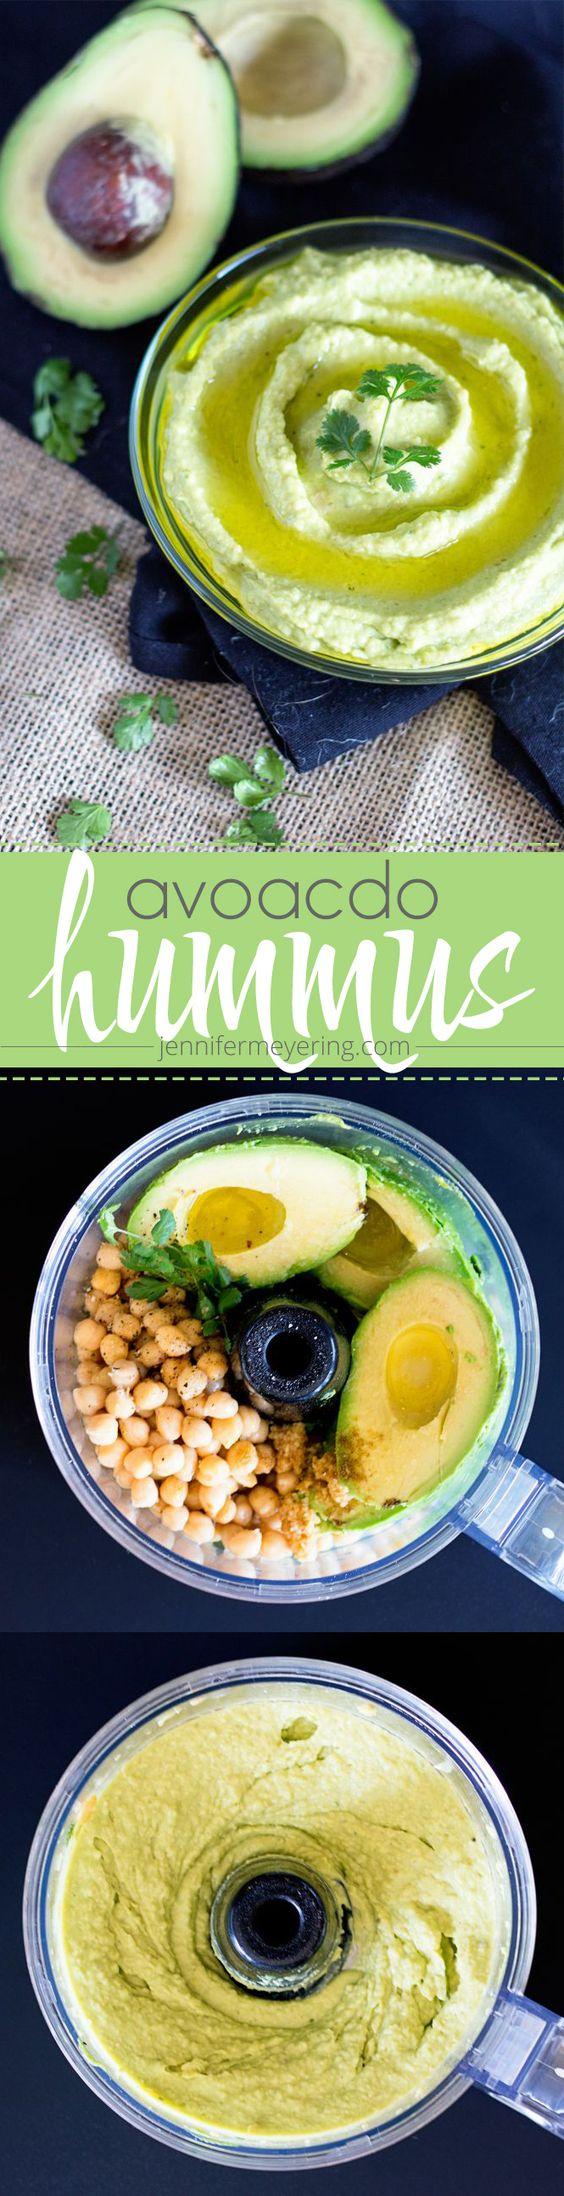 LIVER CLEANSING DIET - Avocado Hummus | LiverFlushing.com